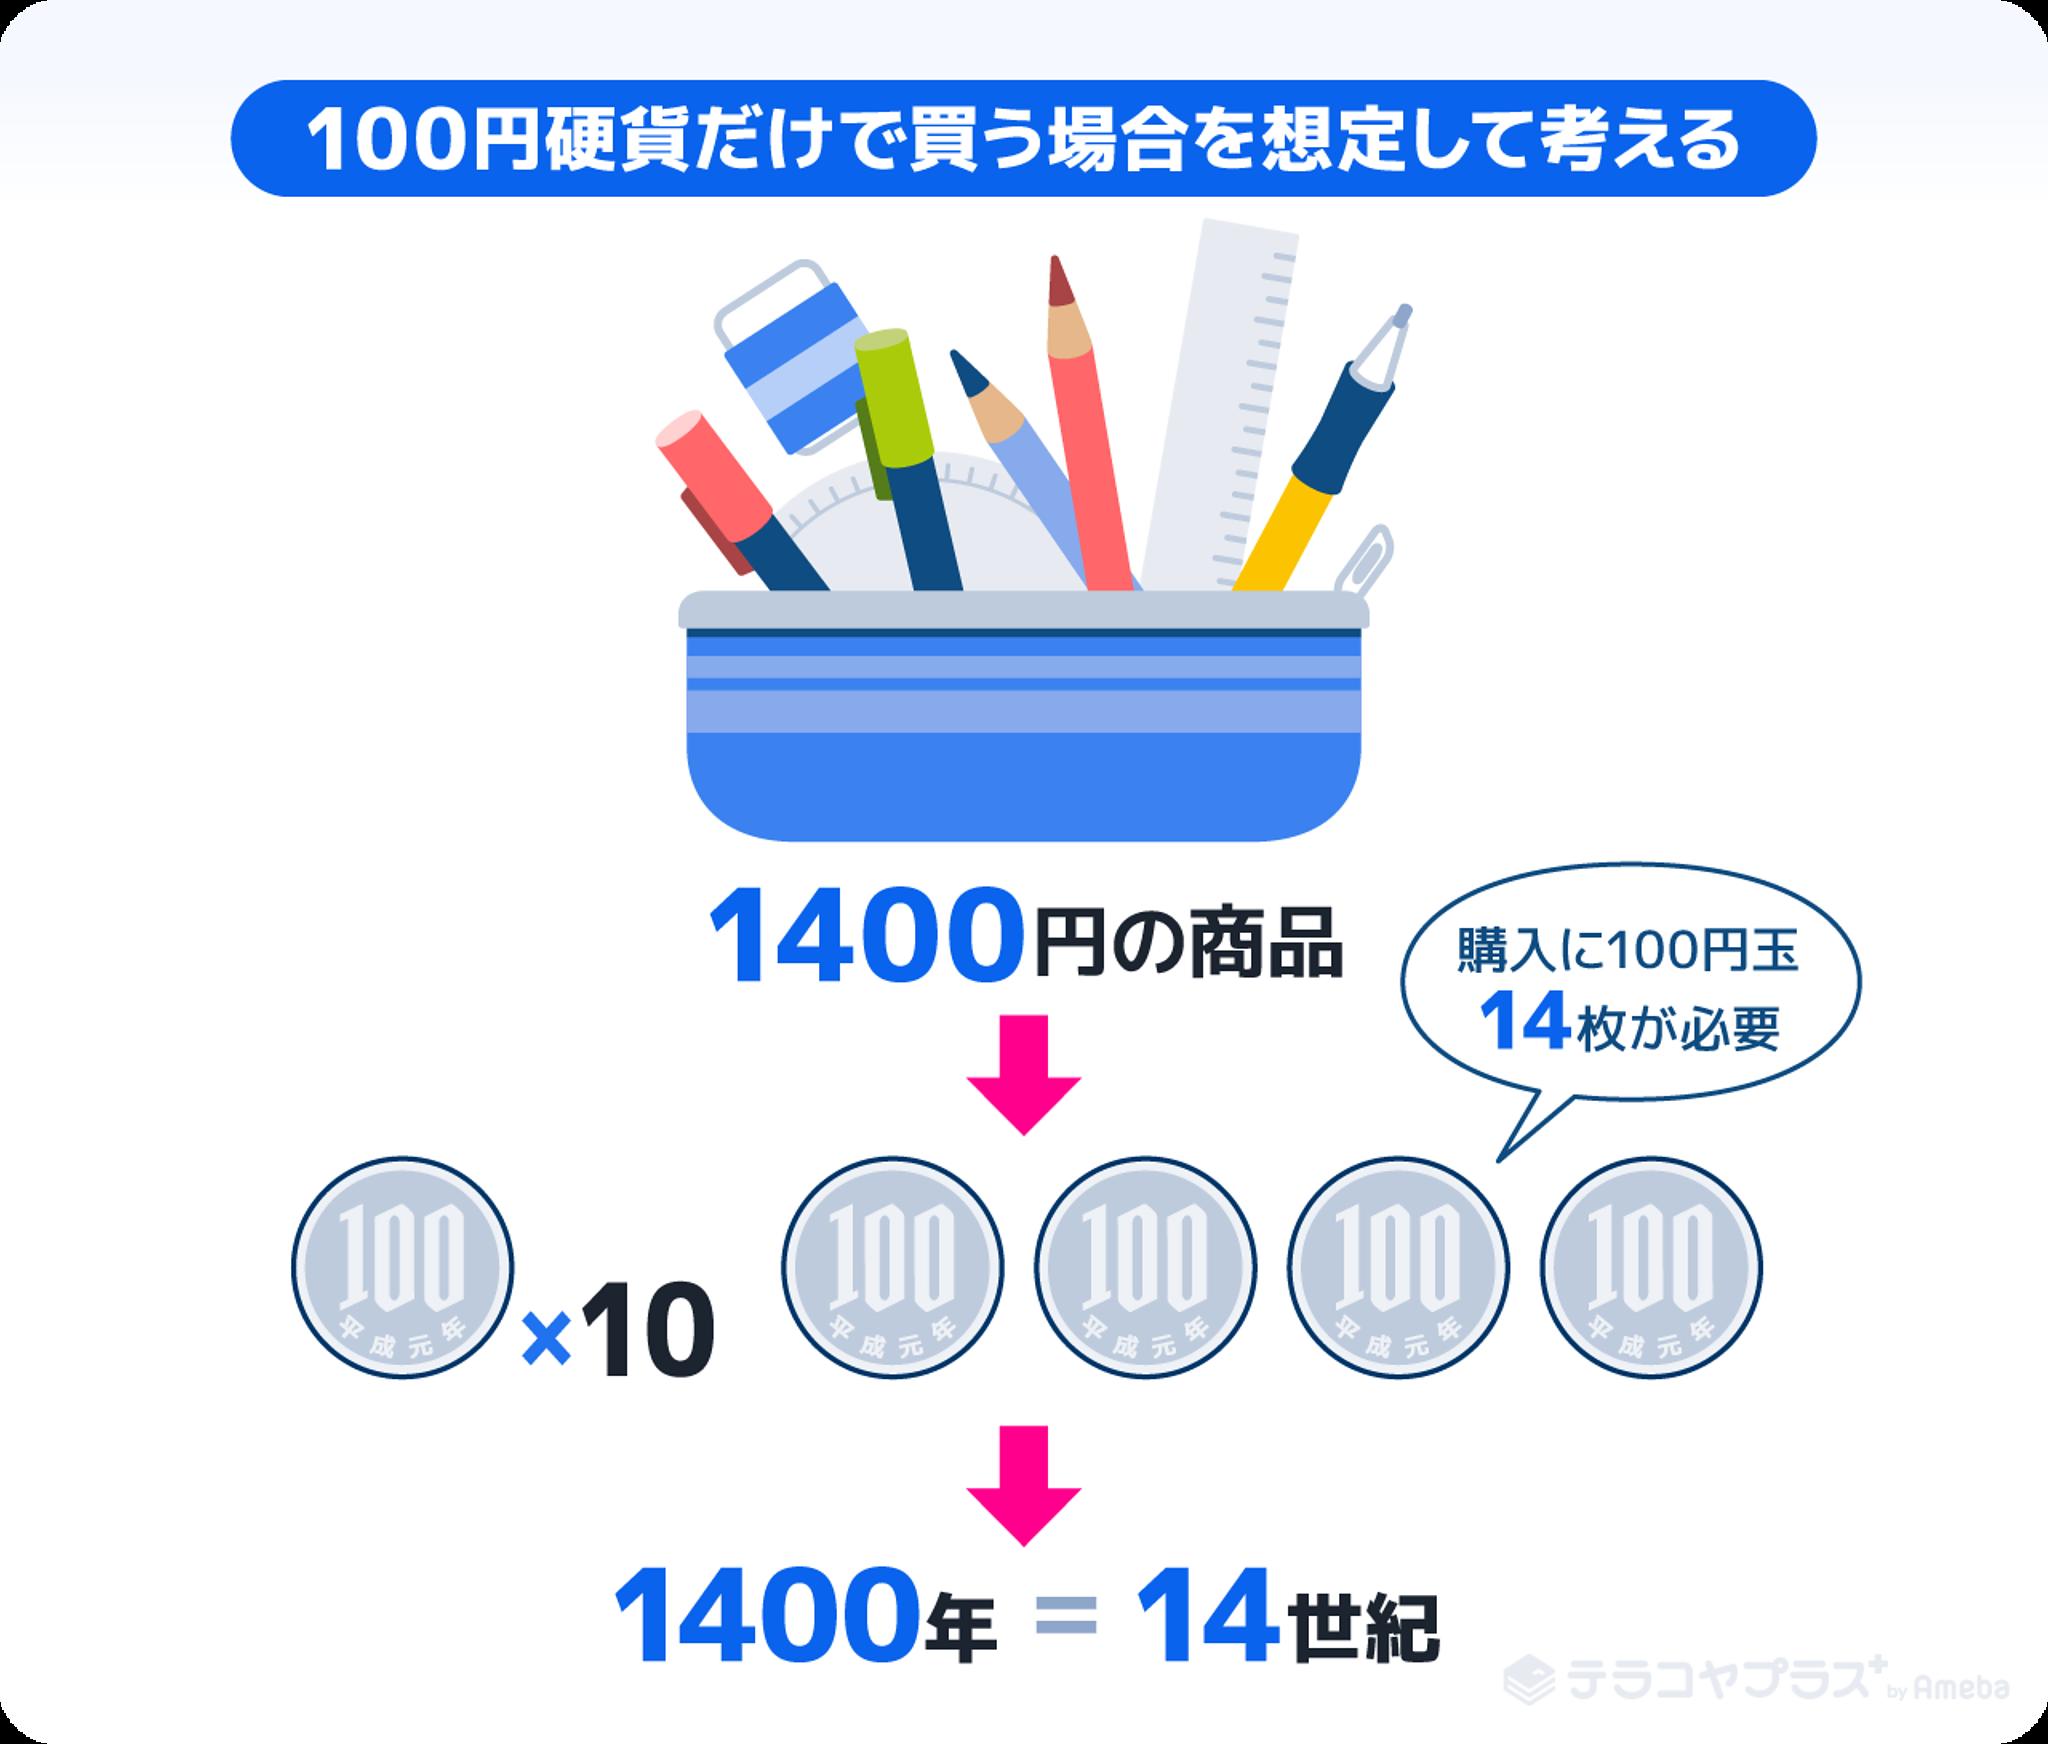 百円玉14枚と商品のイラスト画像